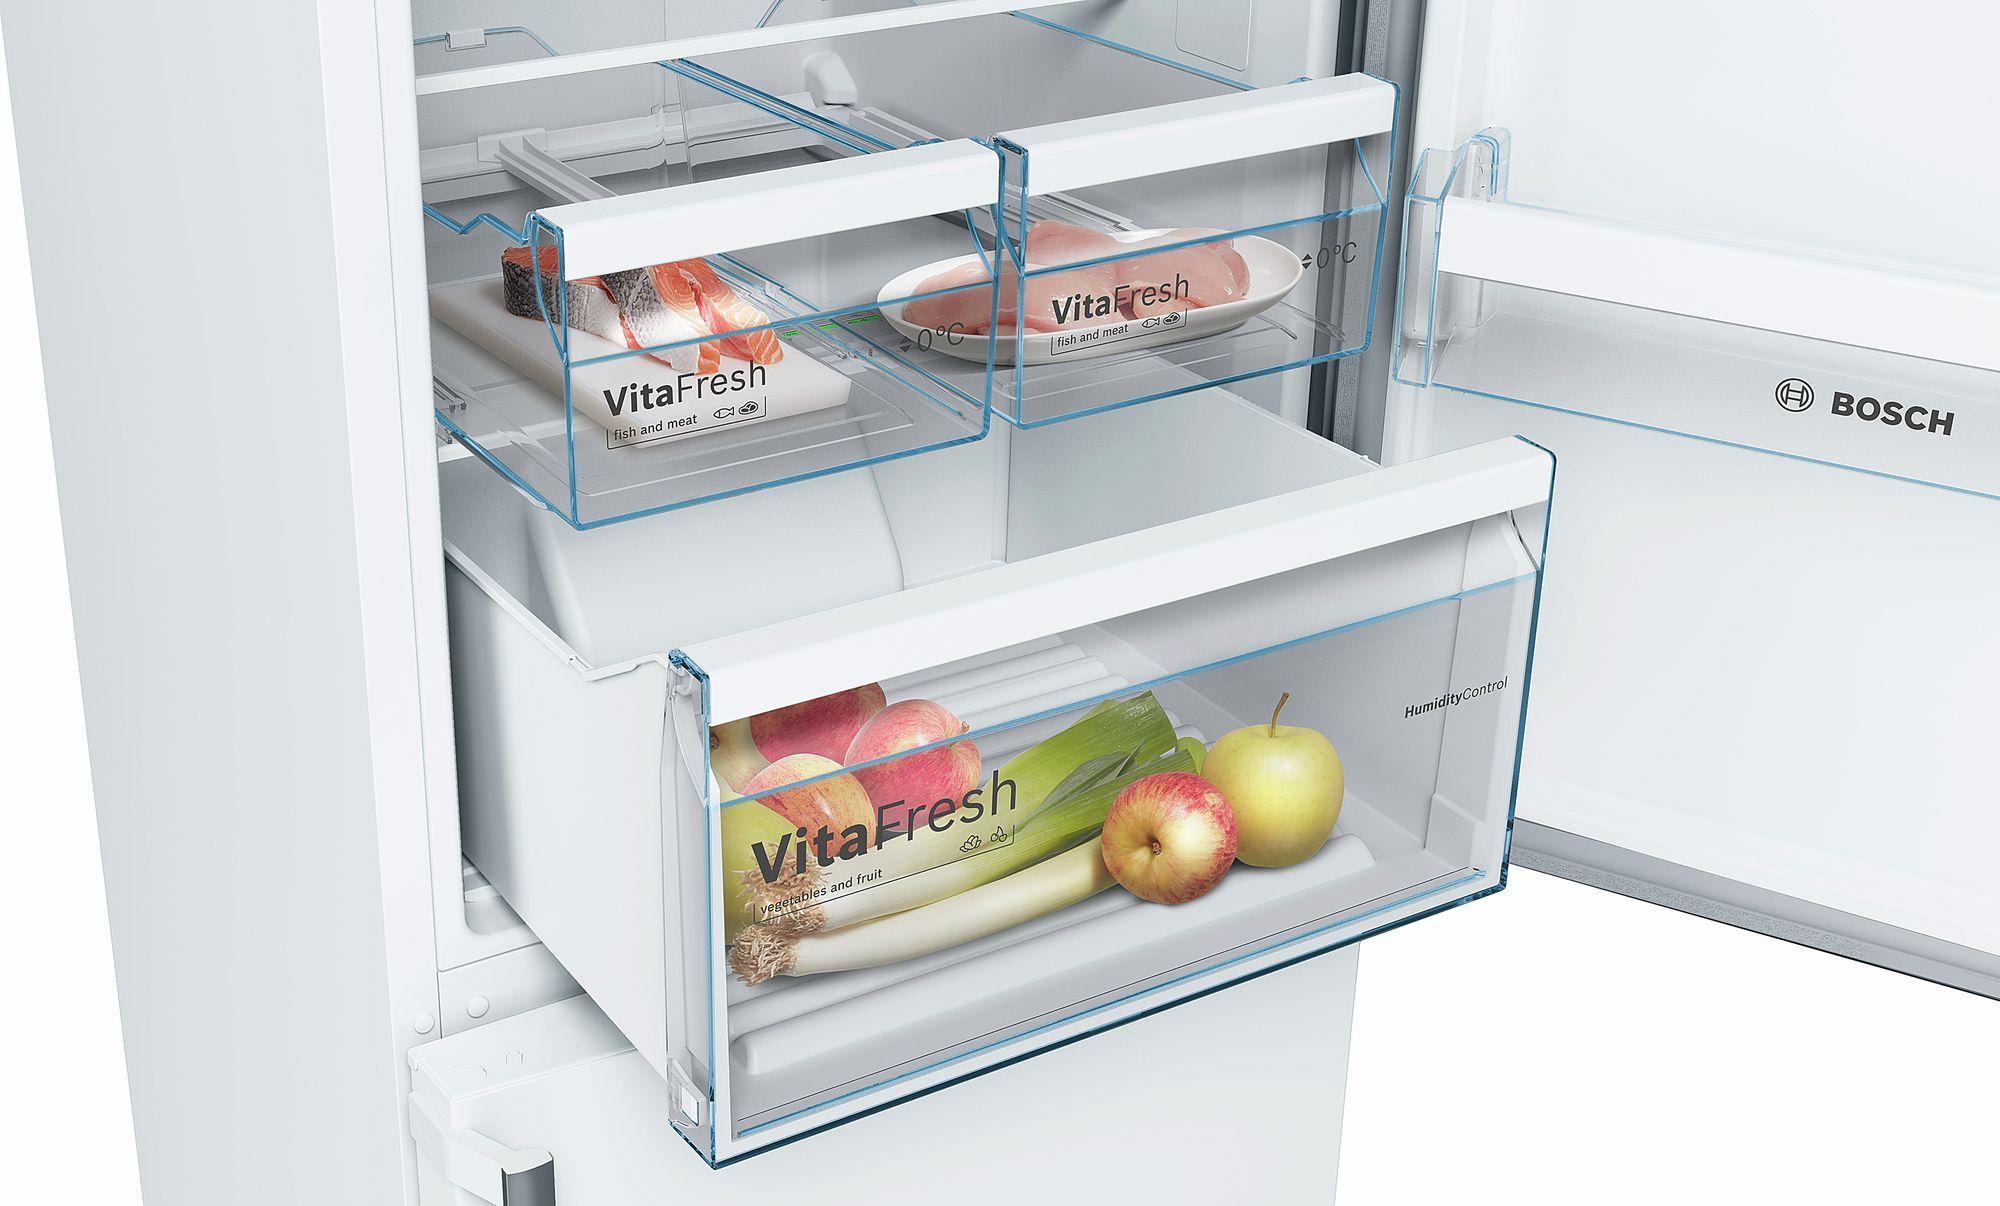 Топ-7 холодильников для всей семьи - Bosch KGN39VW306